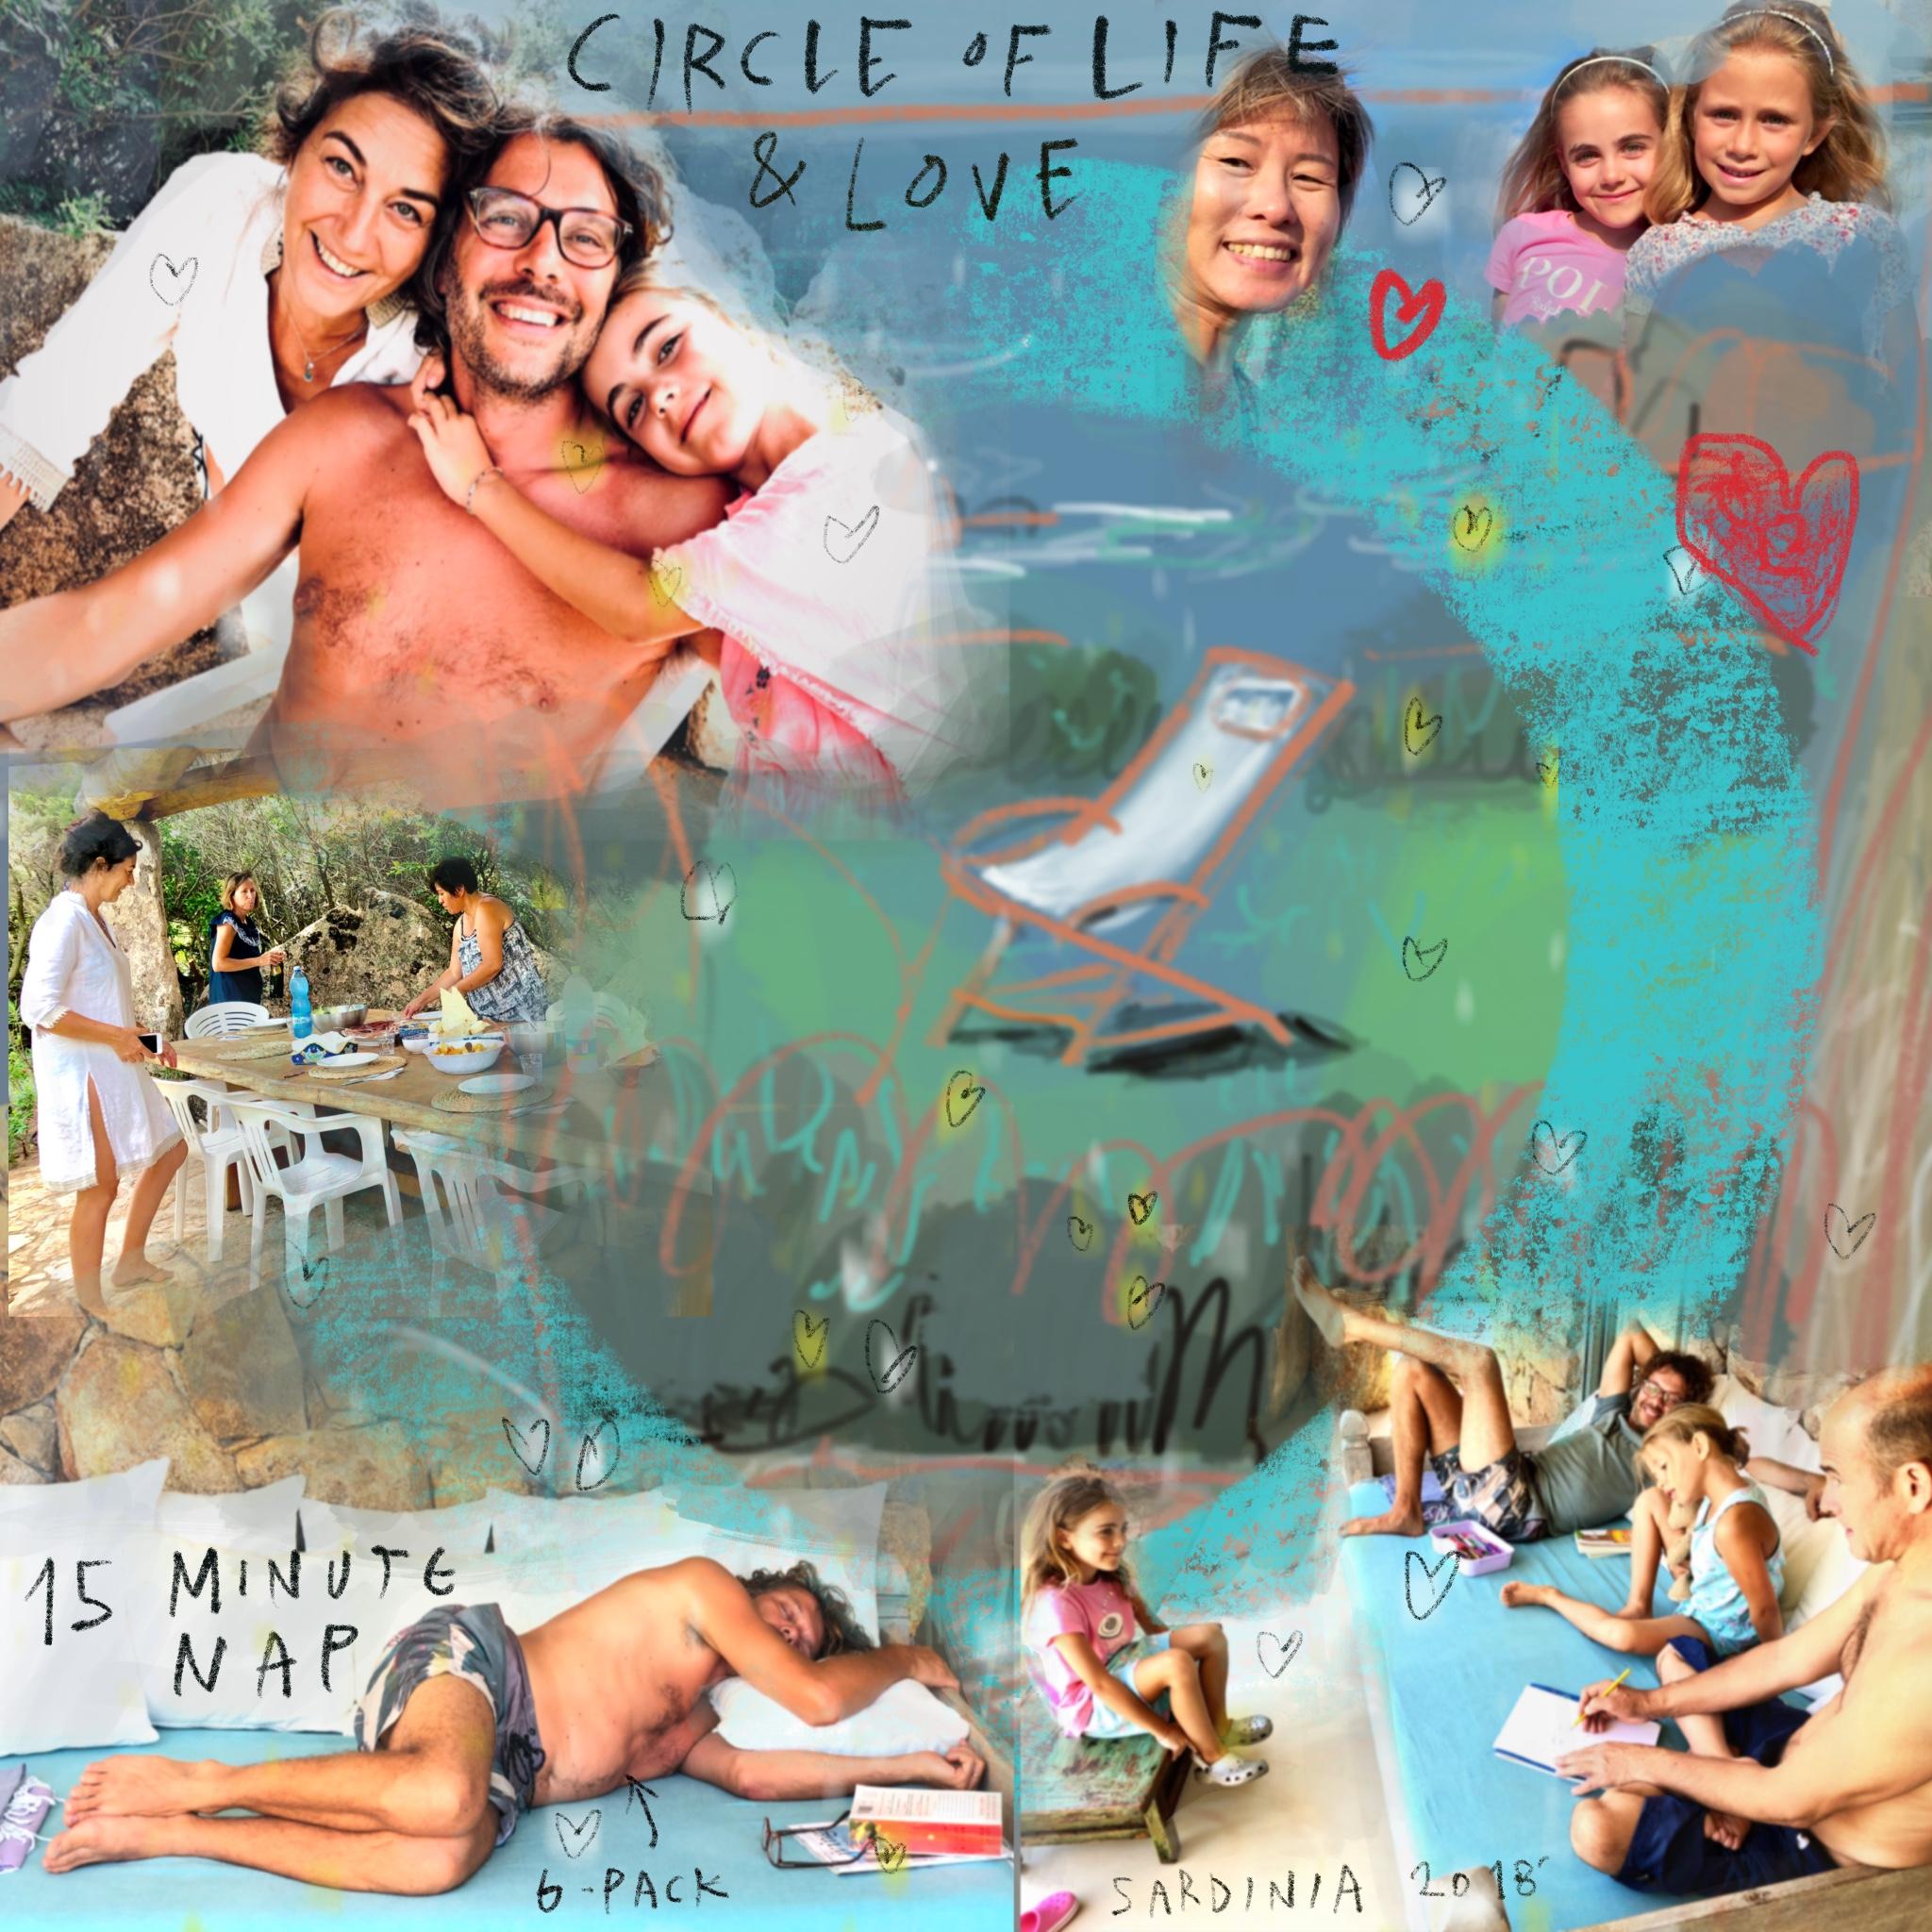 Circle Of Life & Love